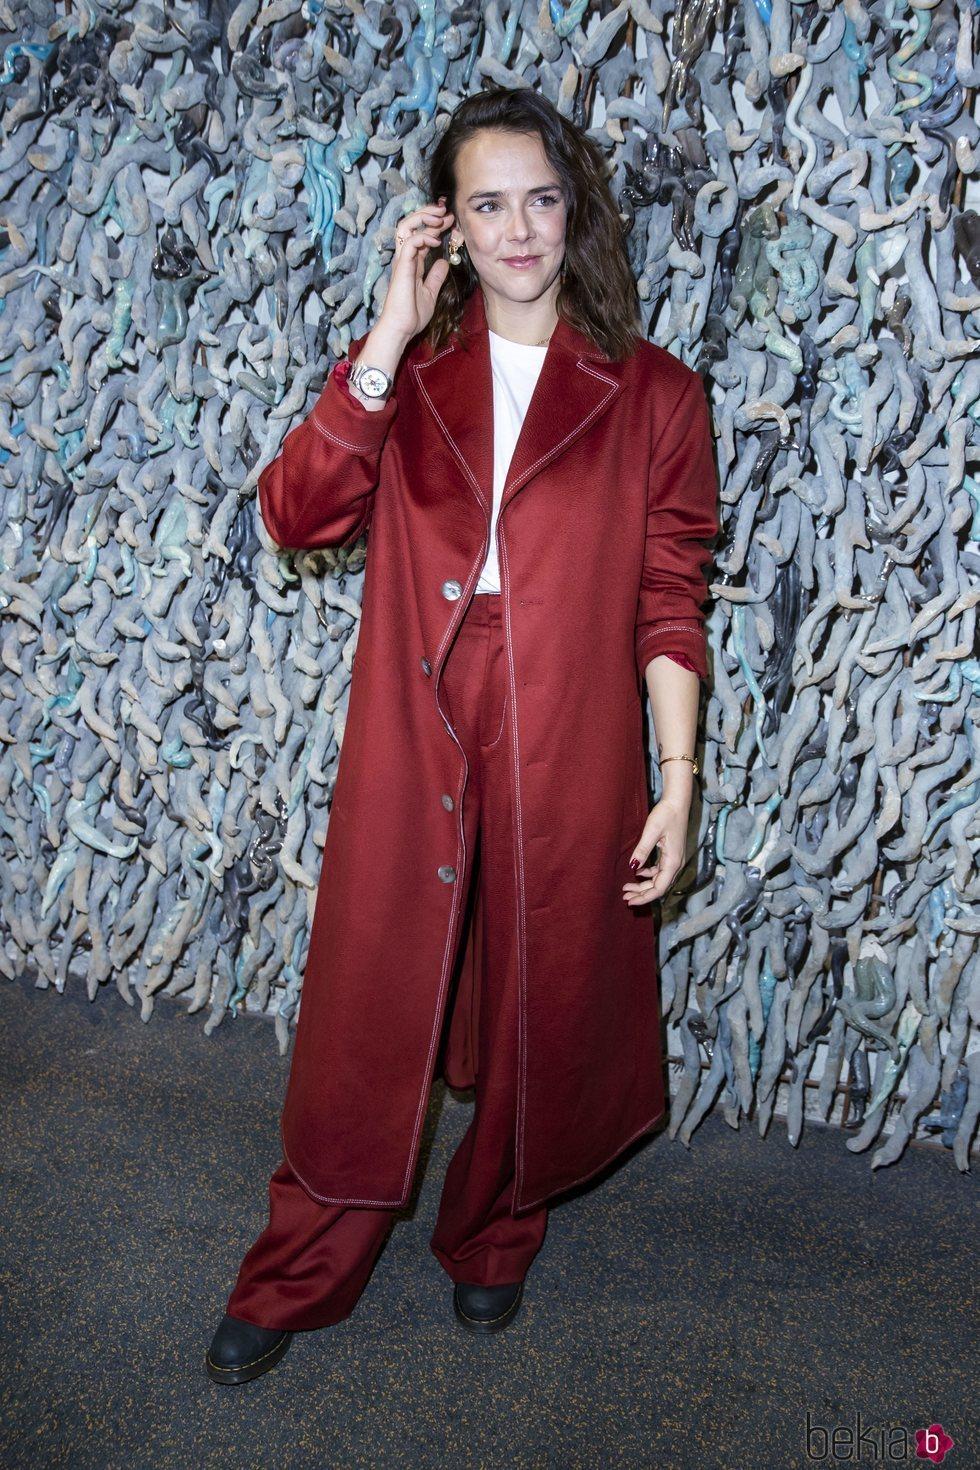 Pauline Ducruet en la presentación de la colección otoño/invierno 2020/2021 de Alter Designs en la Paris Fashion Week